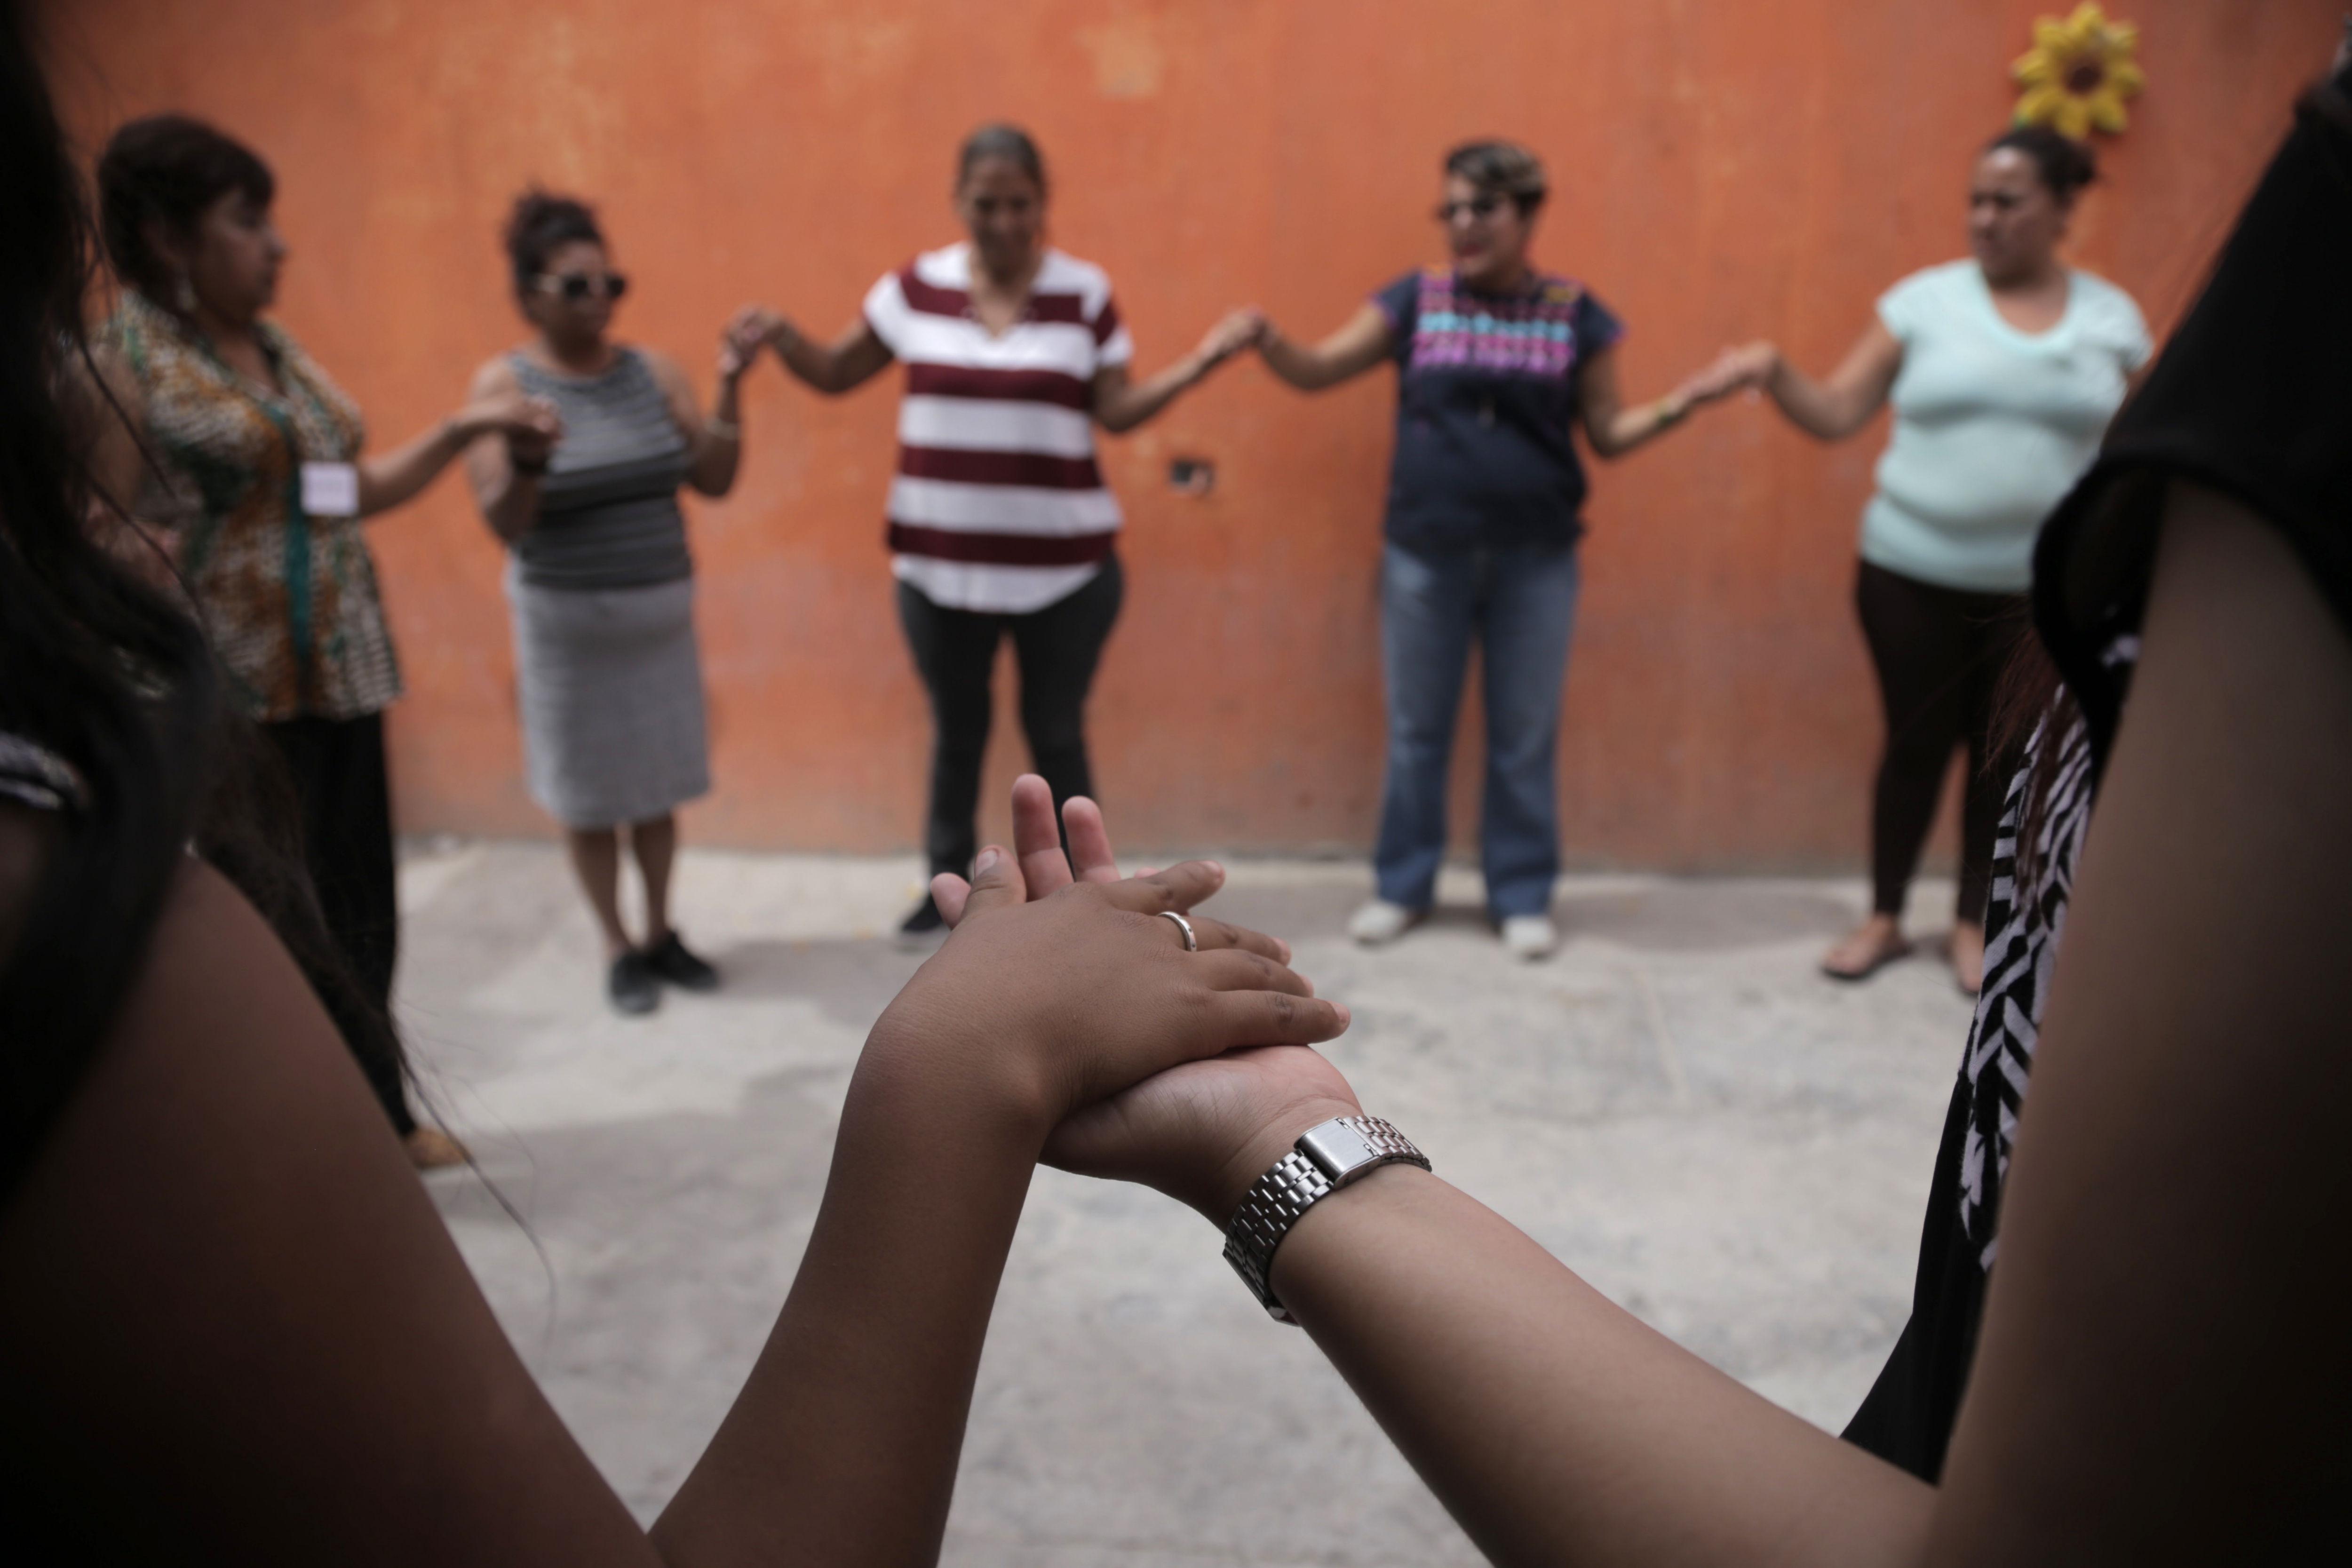 Las mujeres en Ciudad Juárez se empoderan ante el alza de los feminicidios